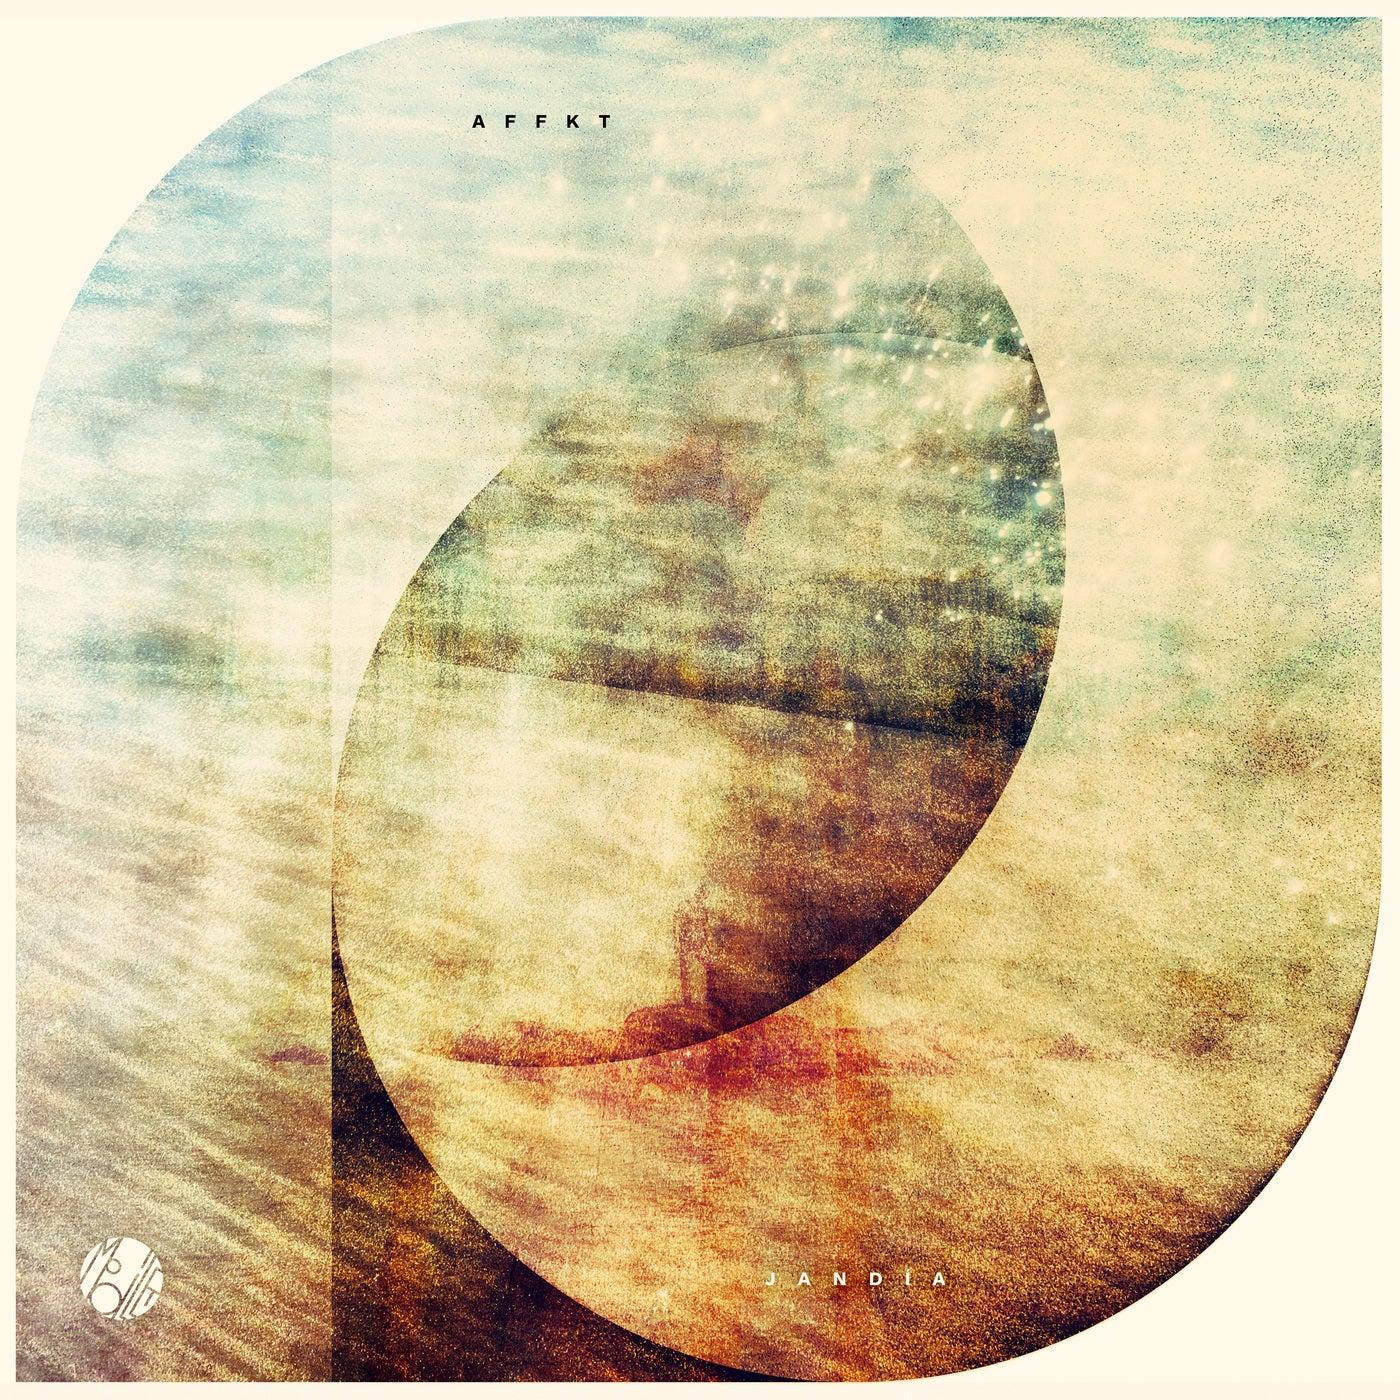 Jandía (Original Mix)